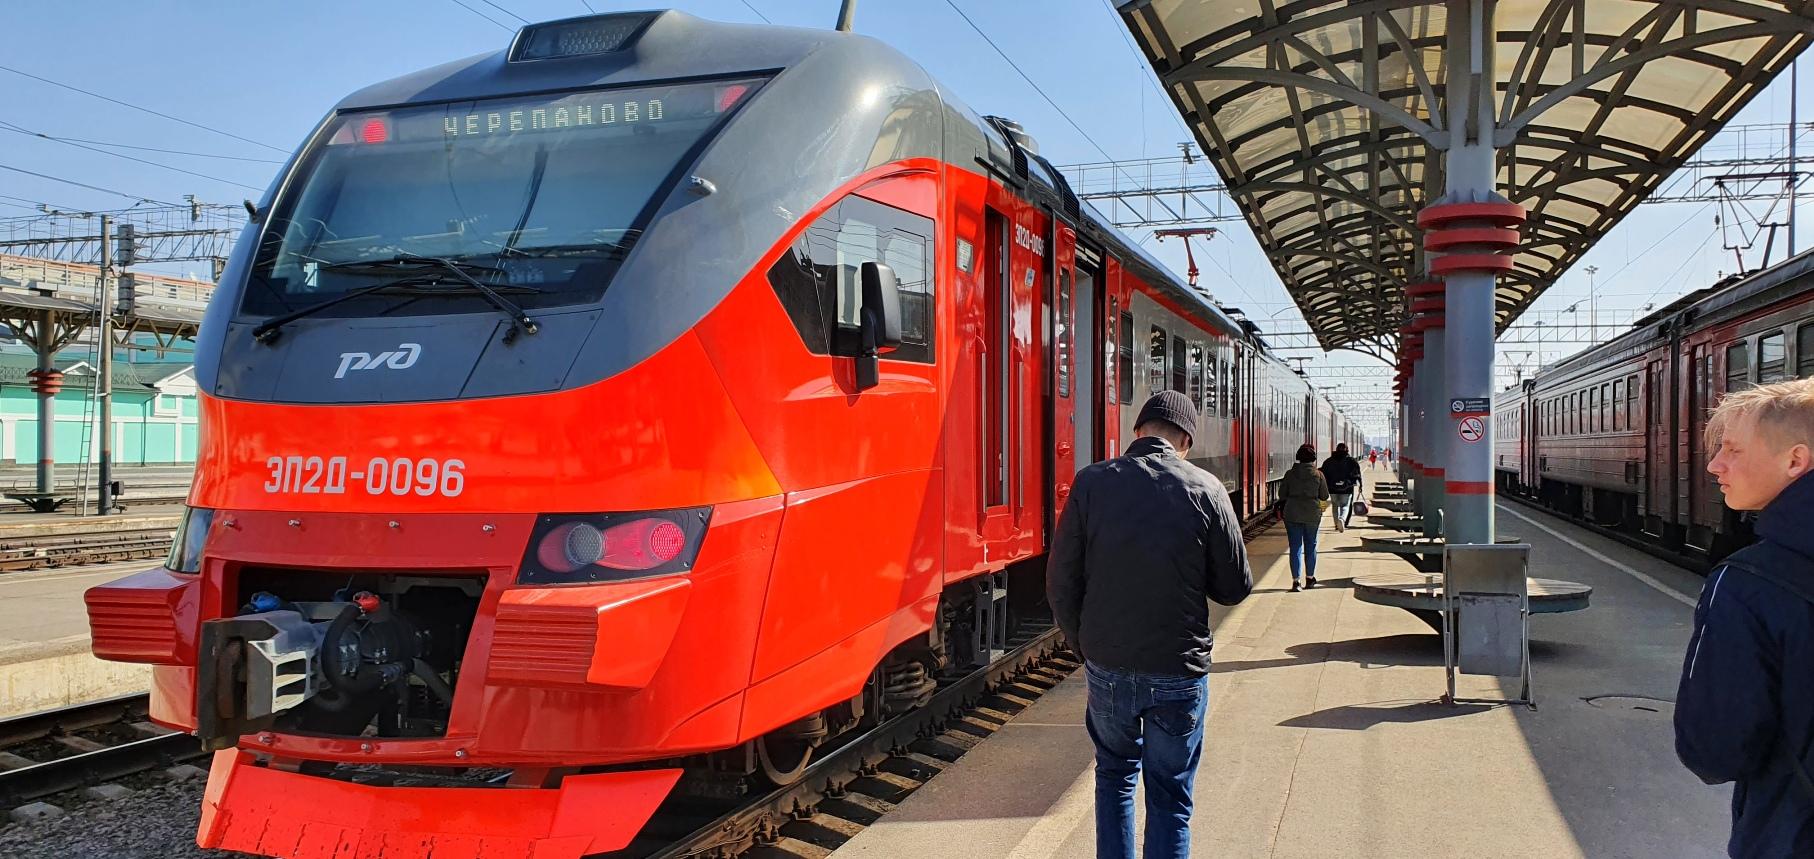 Их всего три в Новосибирском регионе: в чём особенность новейшего состава?